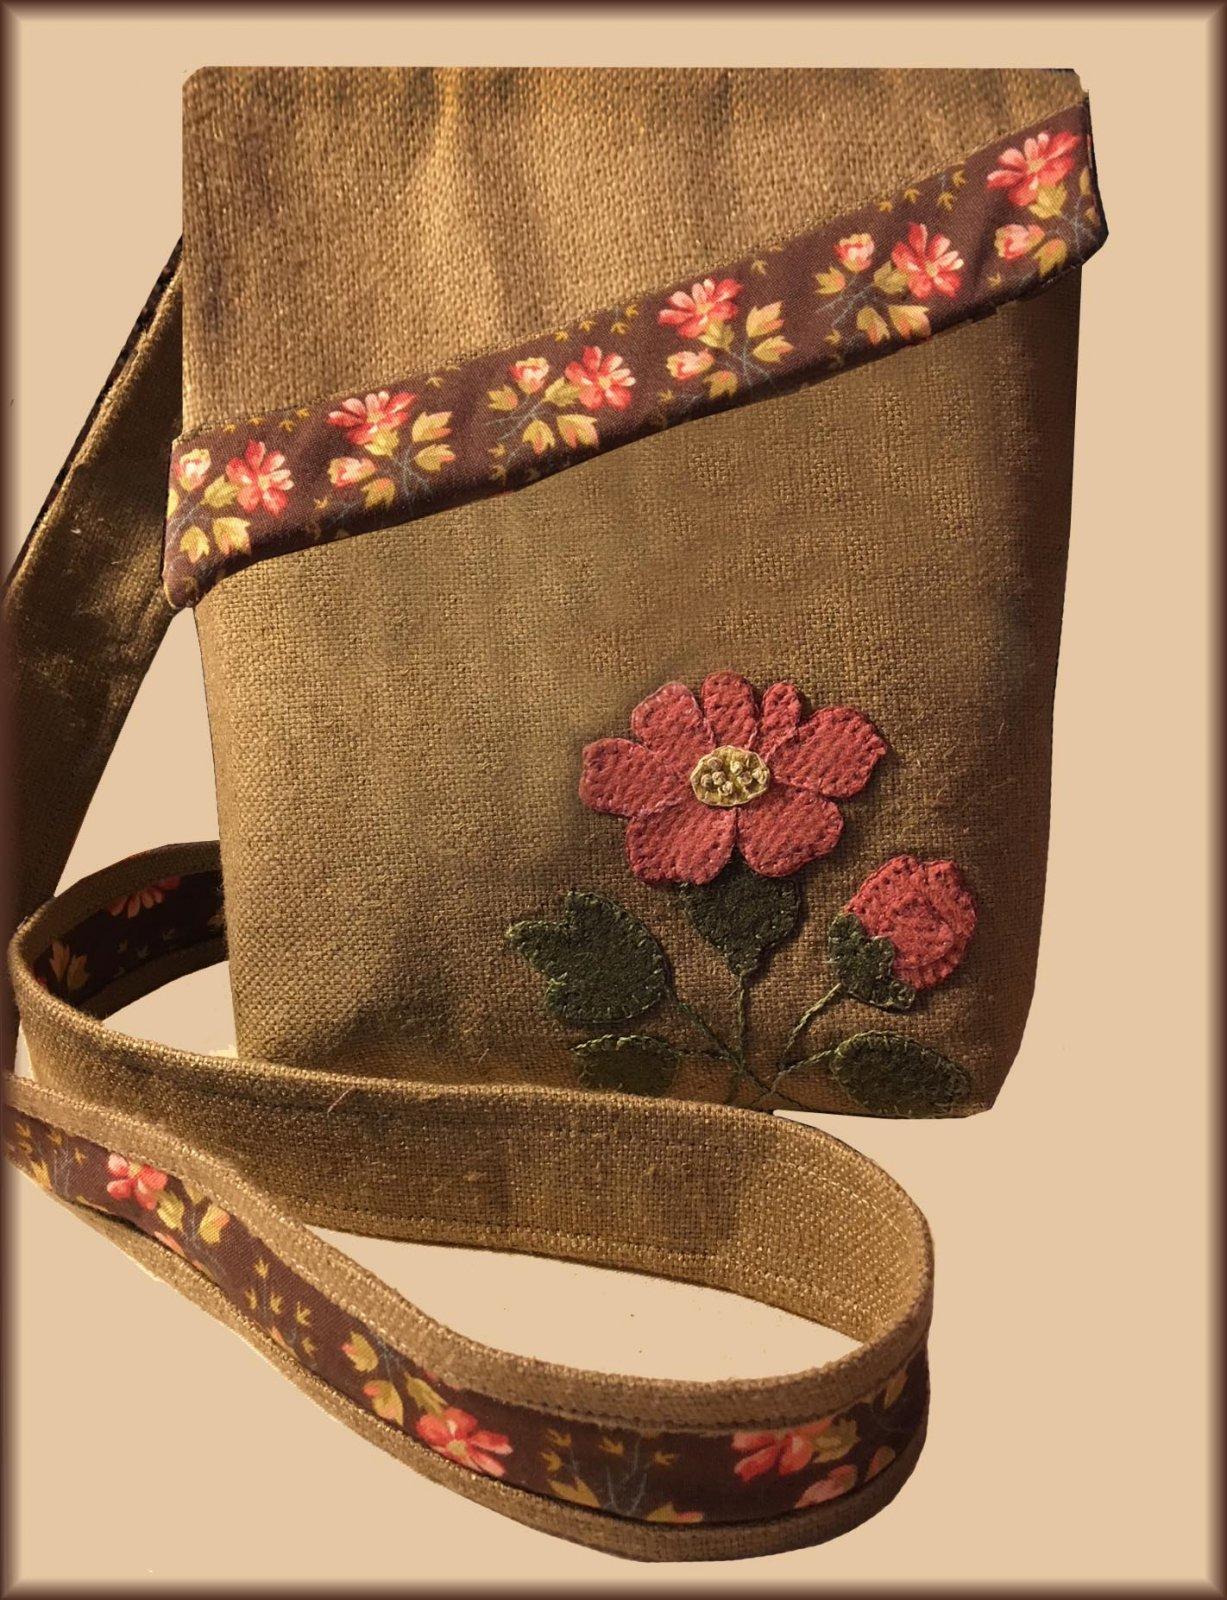 Meyer Messenger Bag Kit